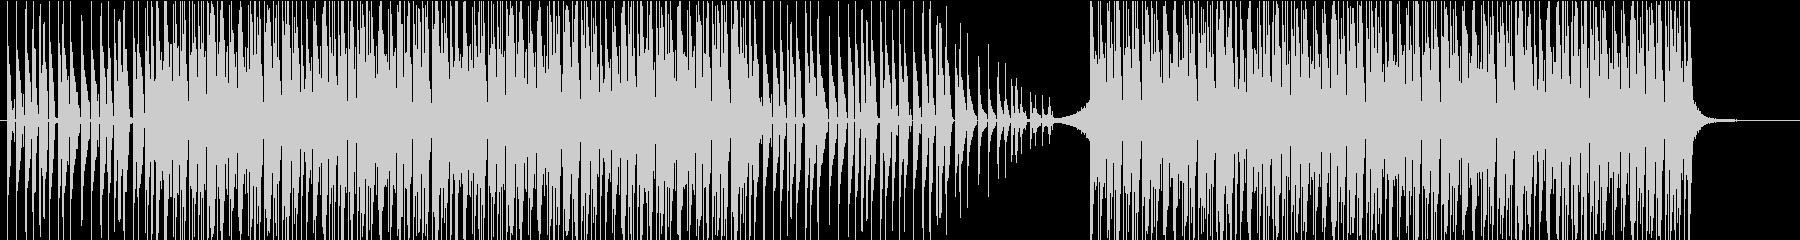 ヒップホップの要素と催眠術をかける...の未再生の波形